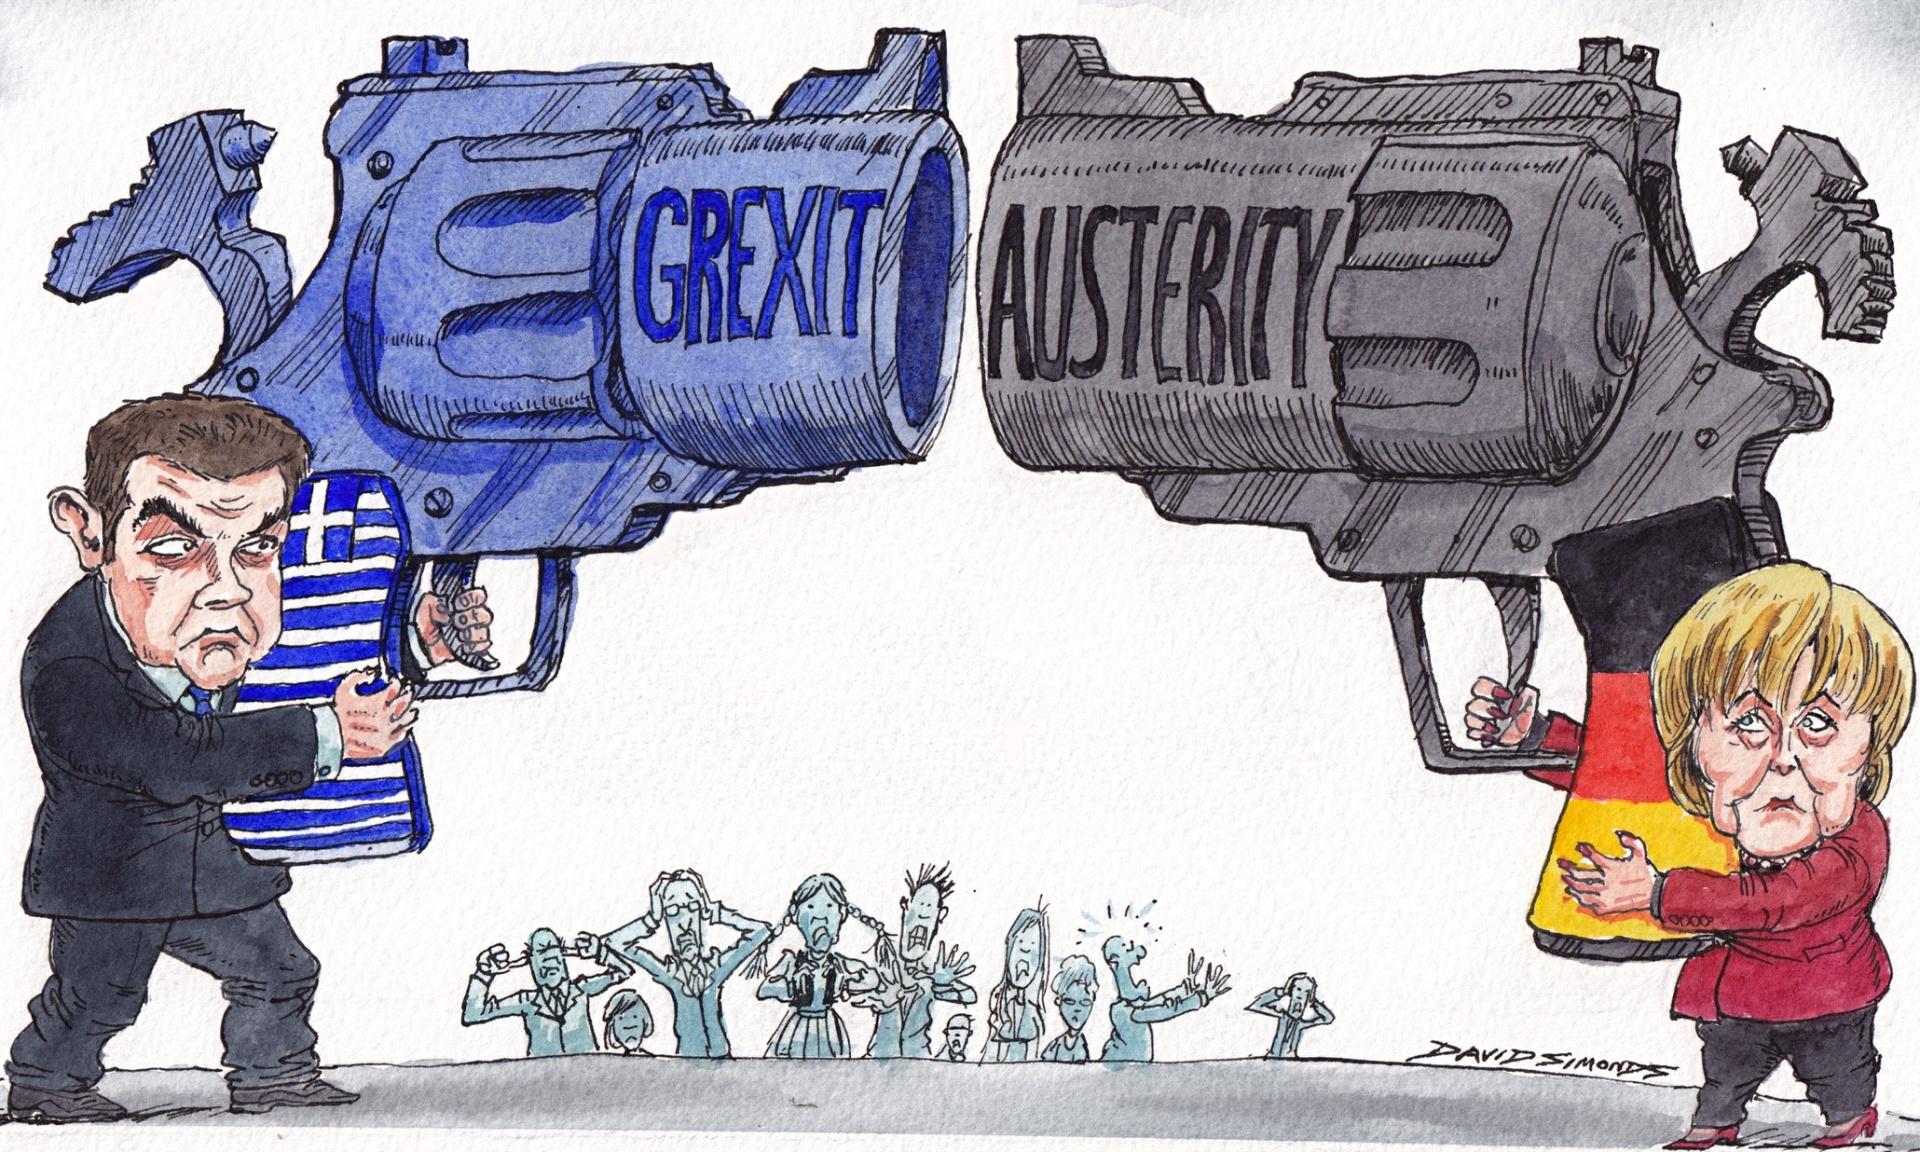 Σκίτσο σε άρθρο του Guardian: Τσίπρας εναντίον Μέρκελ, ως πιστολάδες του Φαρ Ουέστ